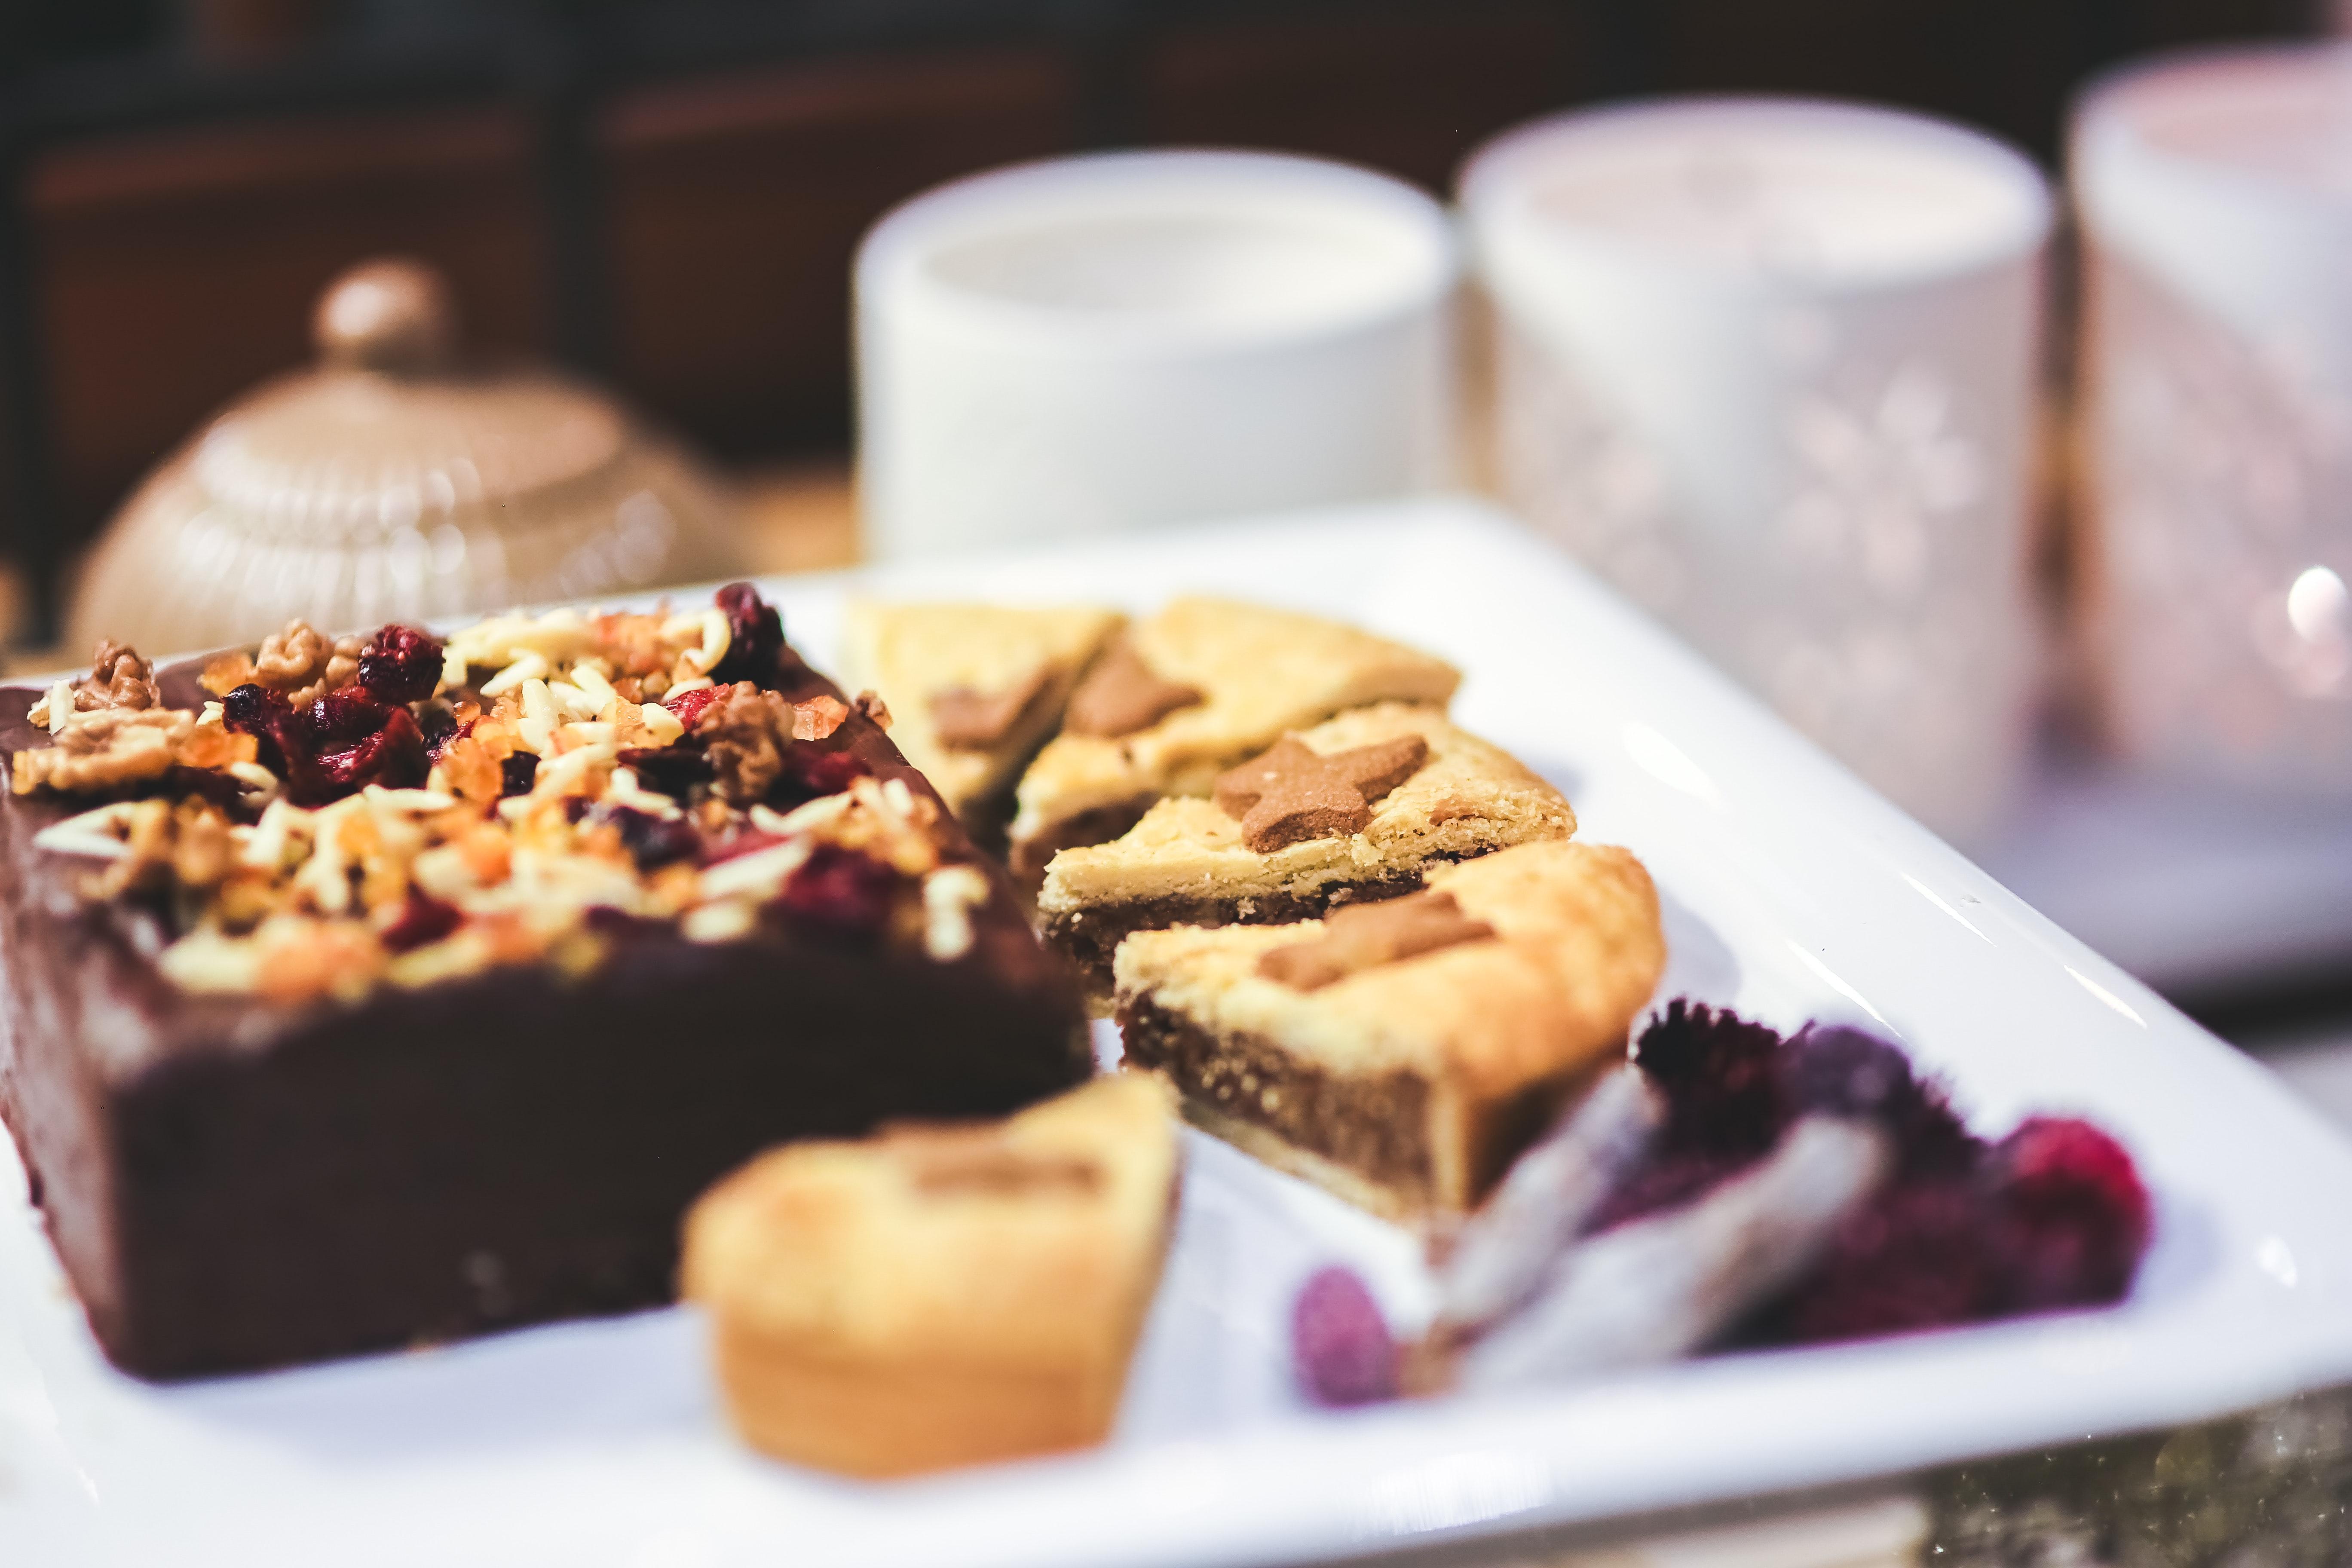 blikle-breakfast-brownie-6277.jpg